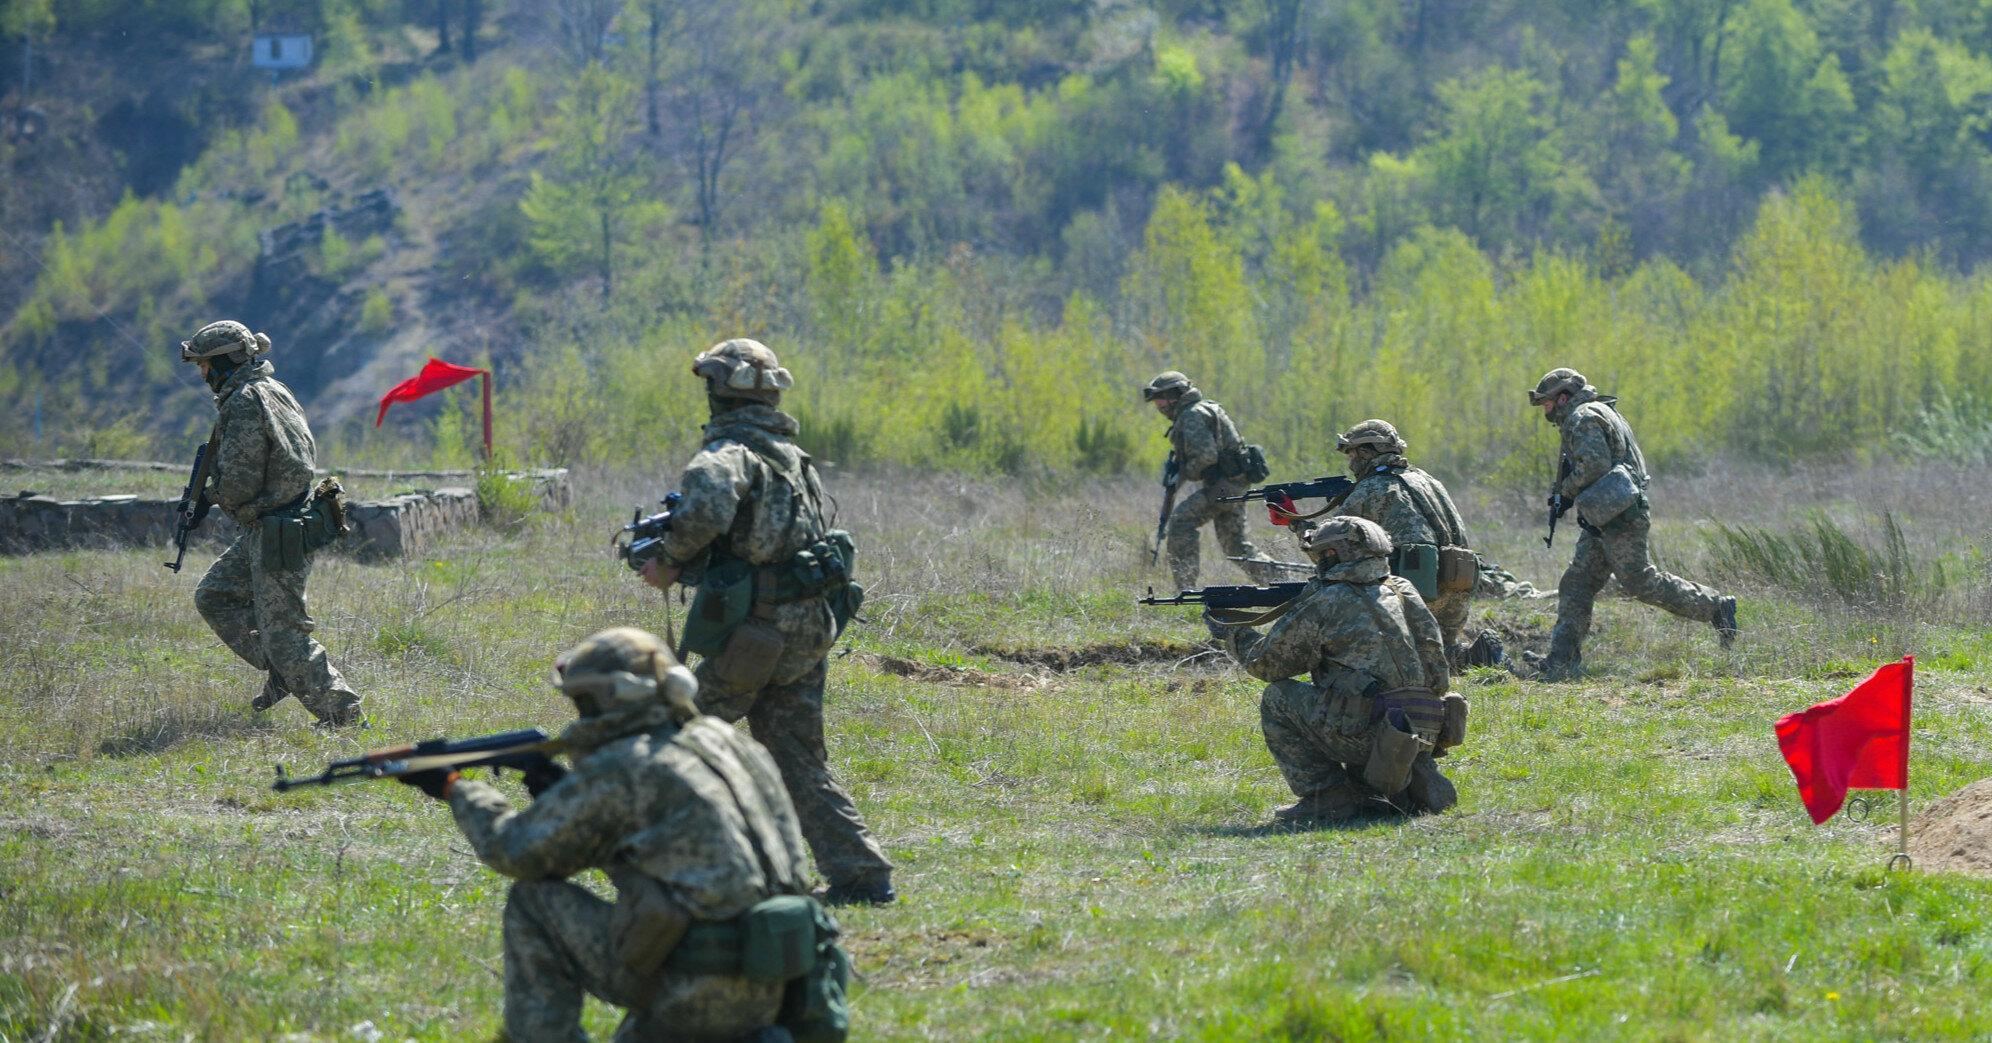 Шойгу распорядился нарастить количество войск РФ в Крыму